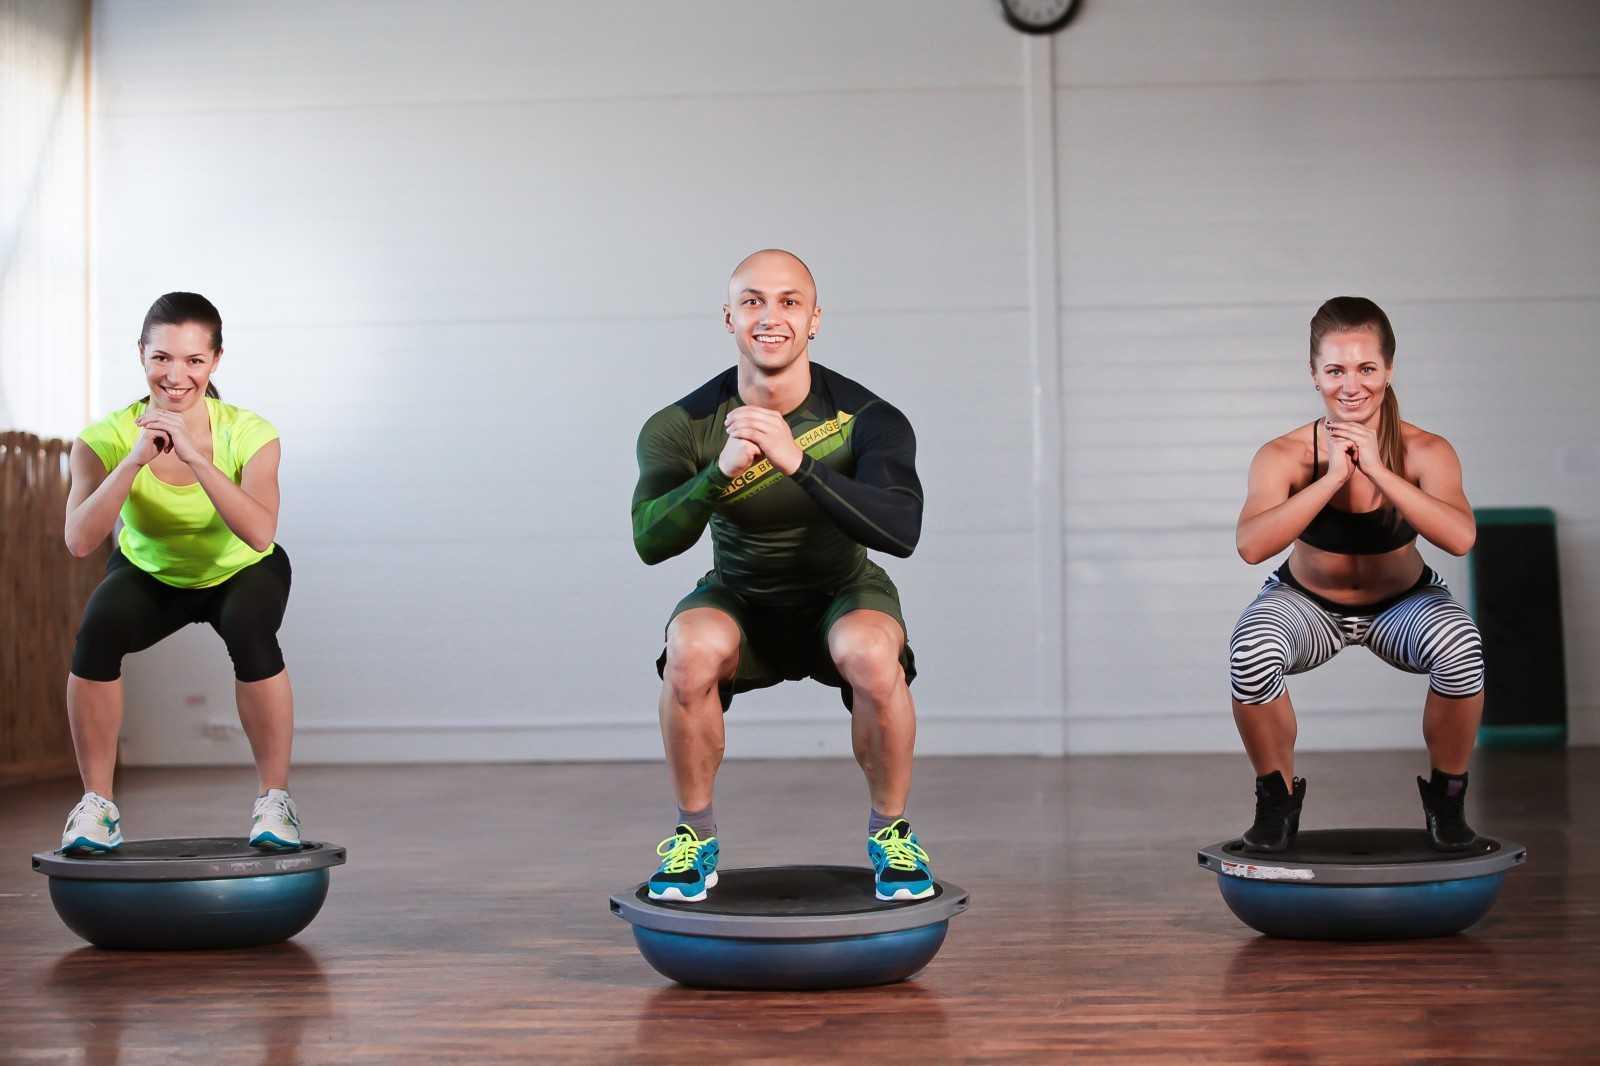 Тренировки дома и в спортзале: где заниматься лучше? личный опыт редактора